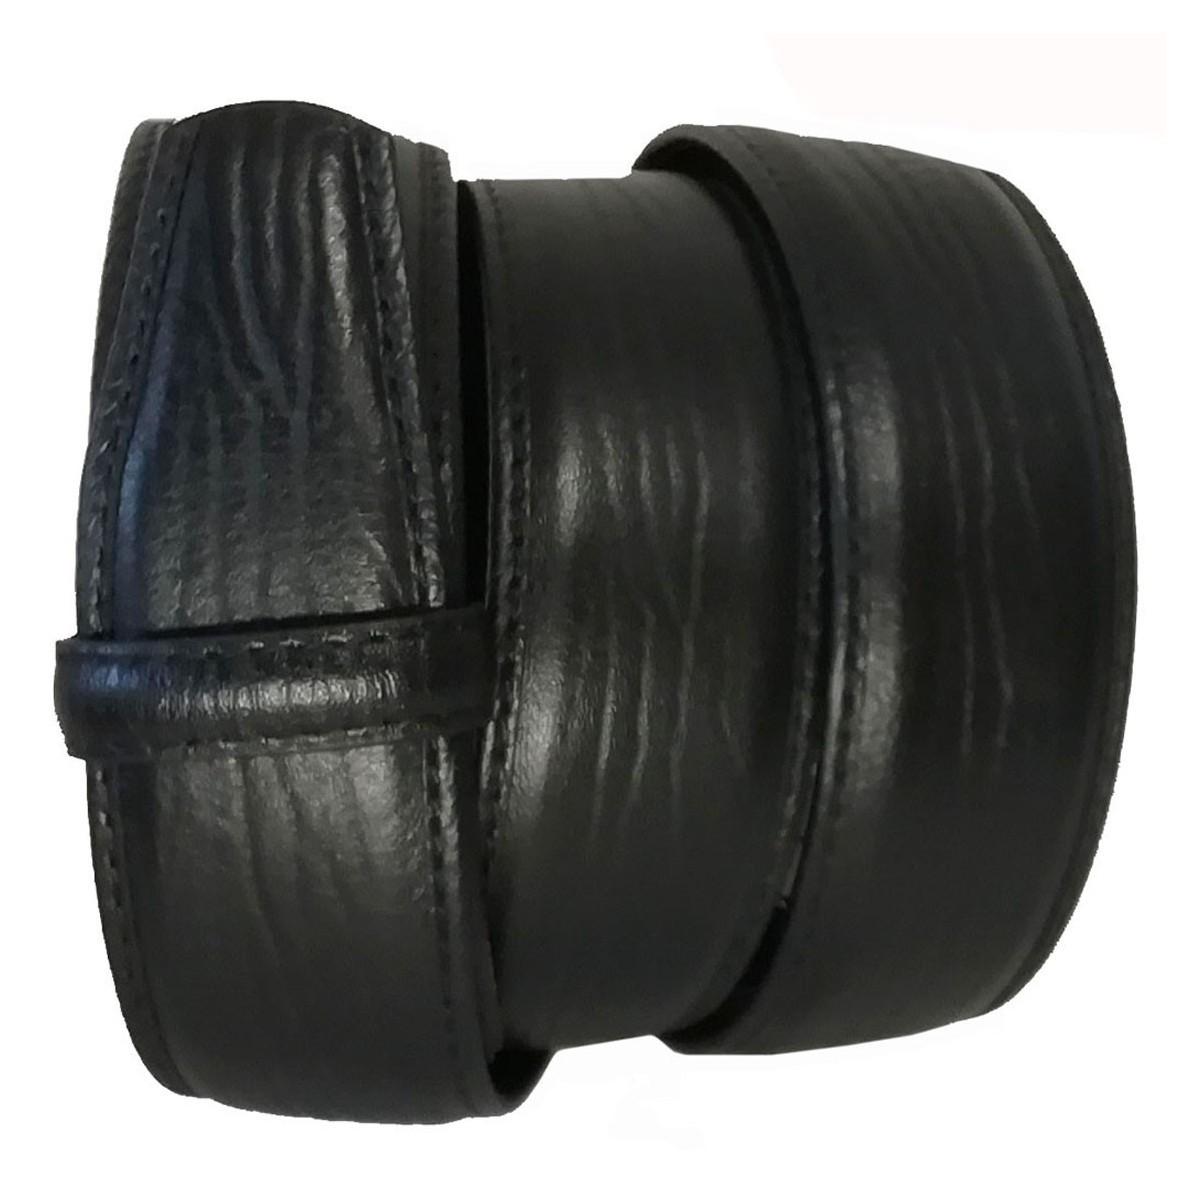 Lanière cuir pleine fleur finition Branche Noire pour ceinture à boucle automatique